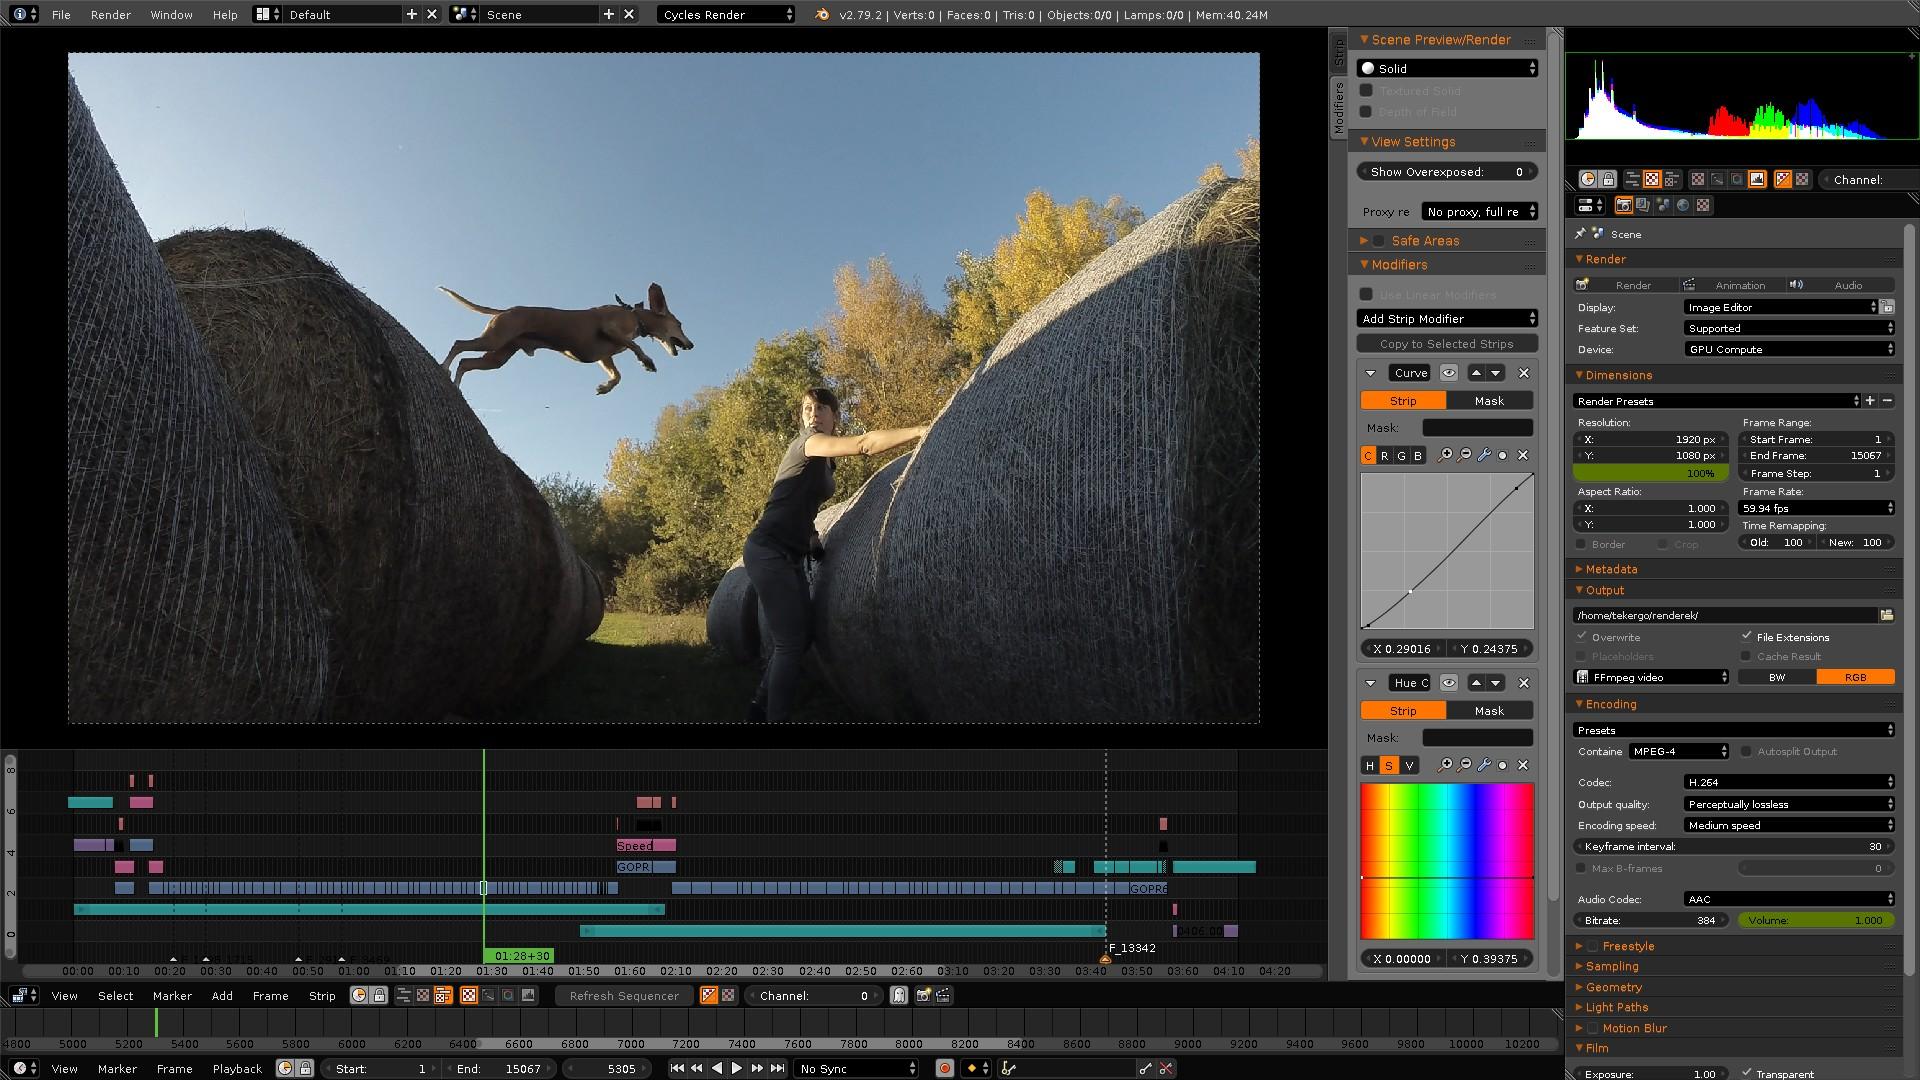 Resultado de imagen de Blender editor de video